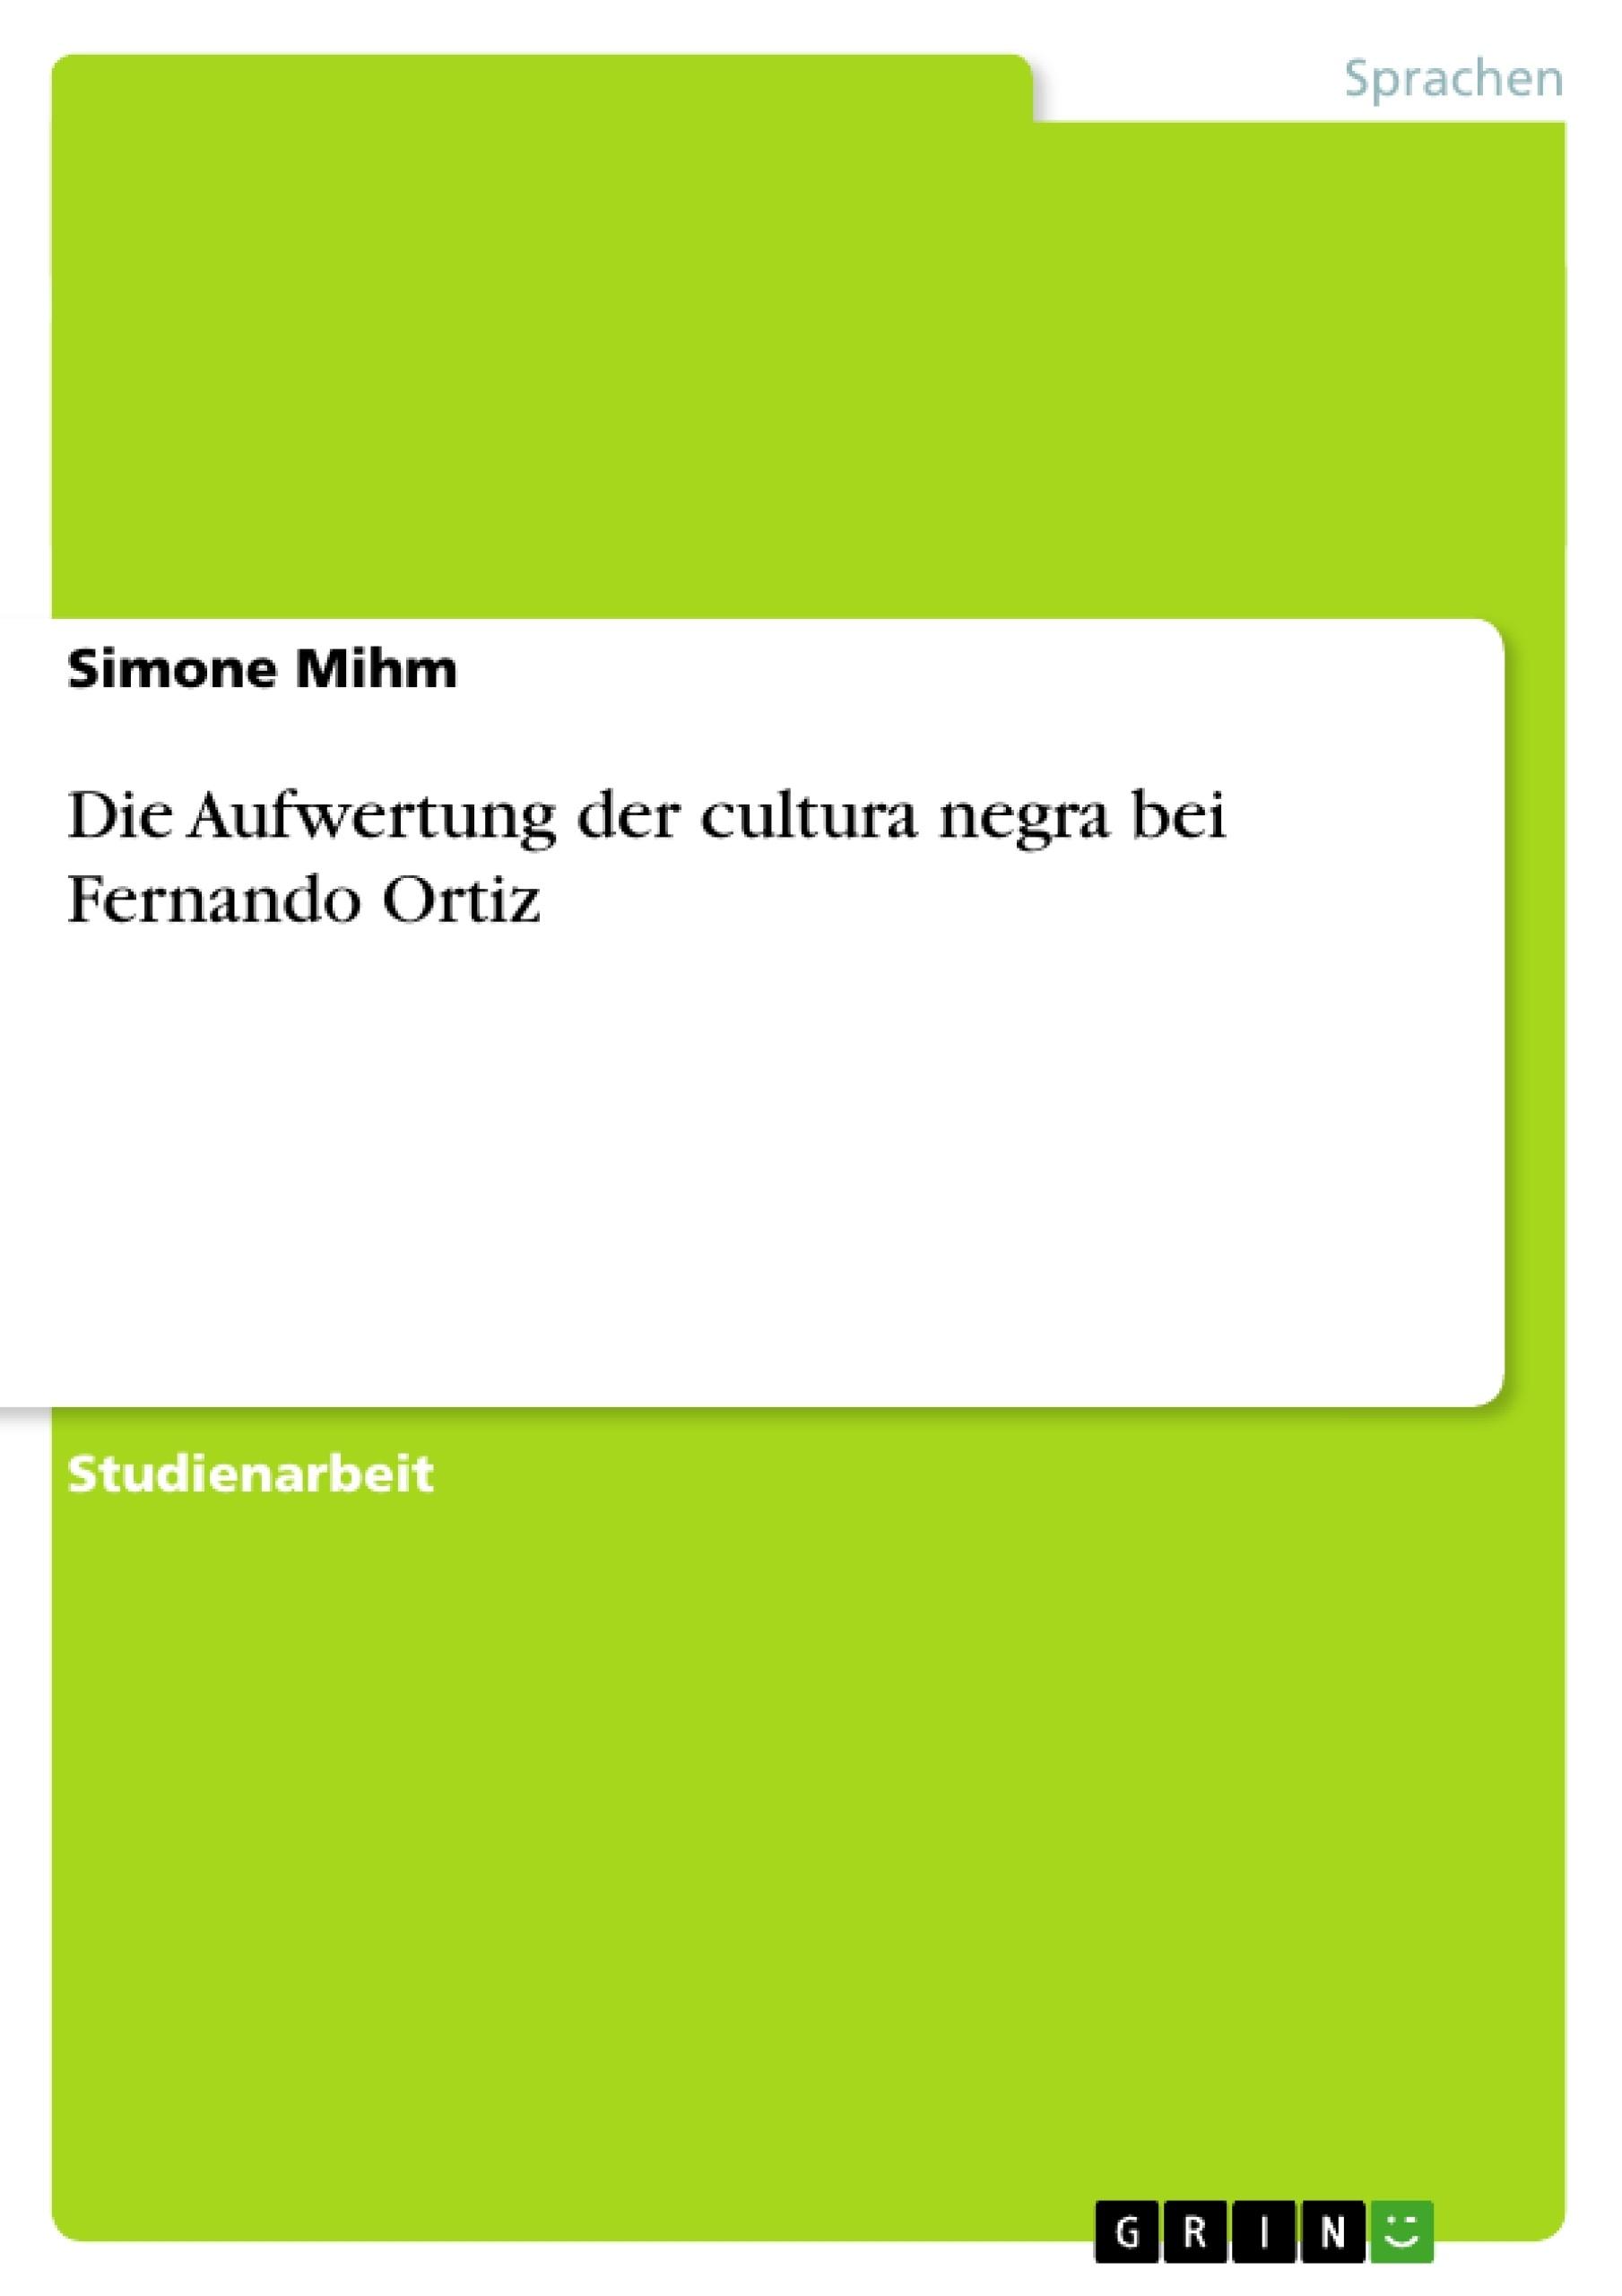 Titel: Die Aufwertung der cultura negra bei Fernando Ortiz